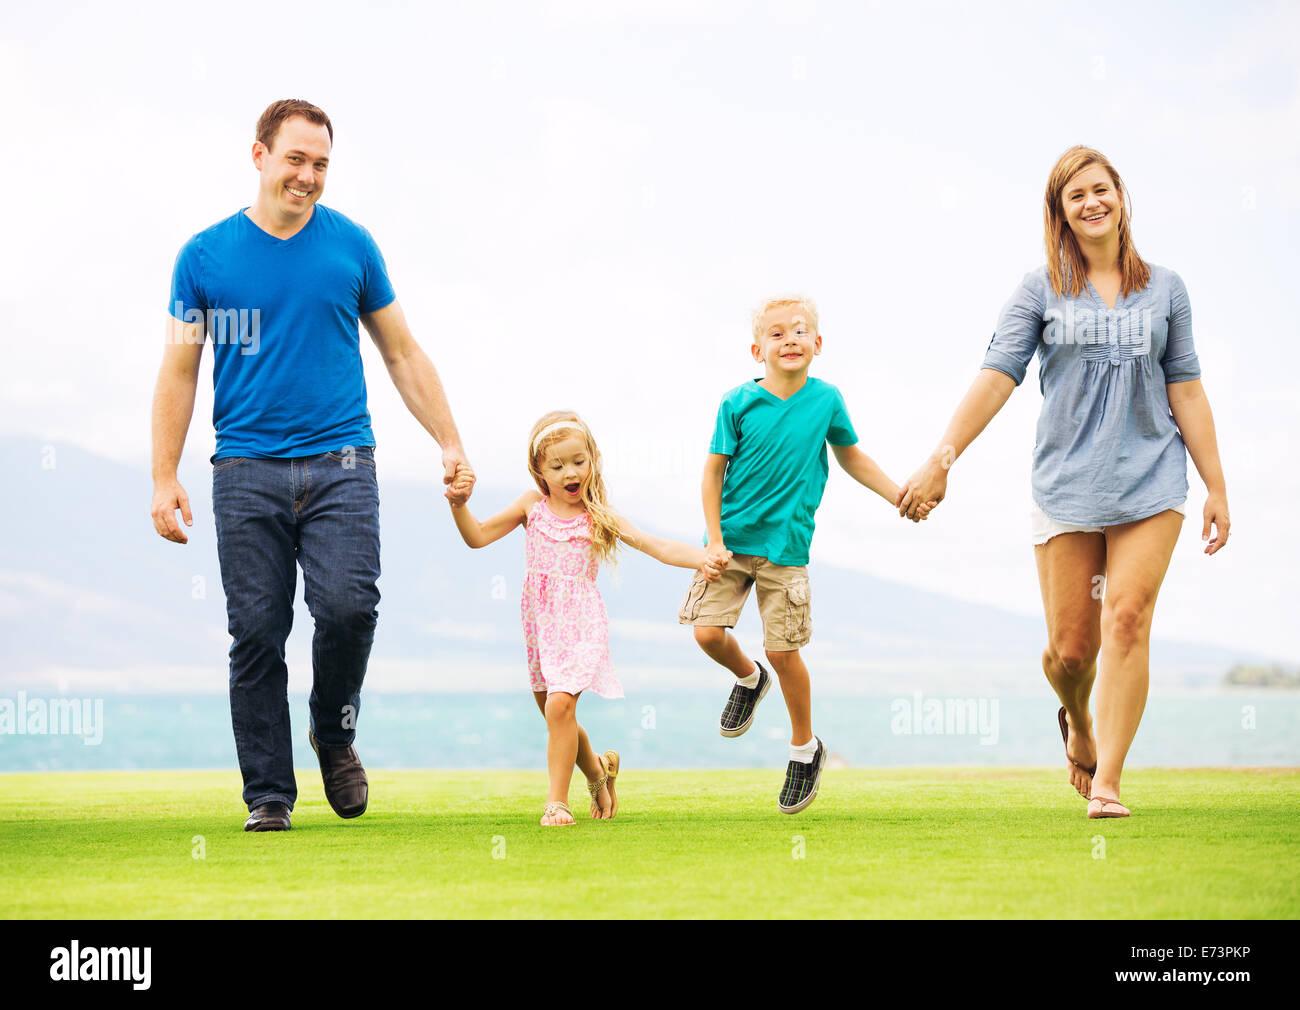 Glückliche Familie draußen auf dem Rasen Stockbild